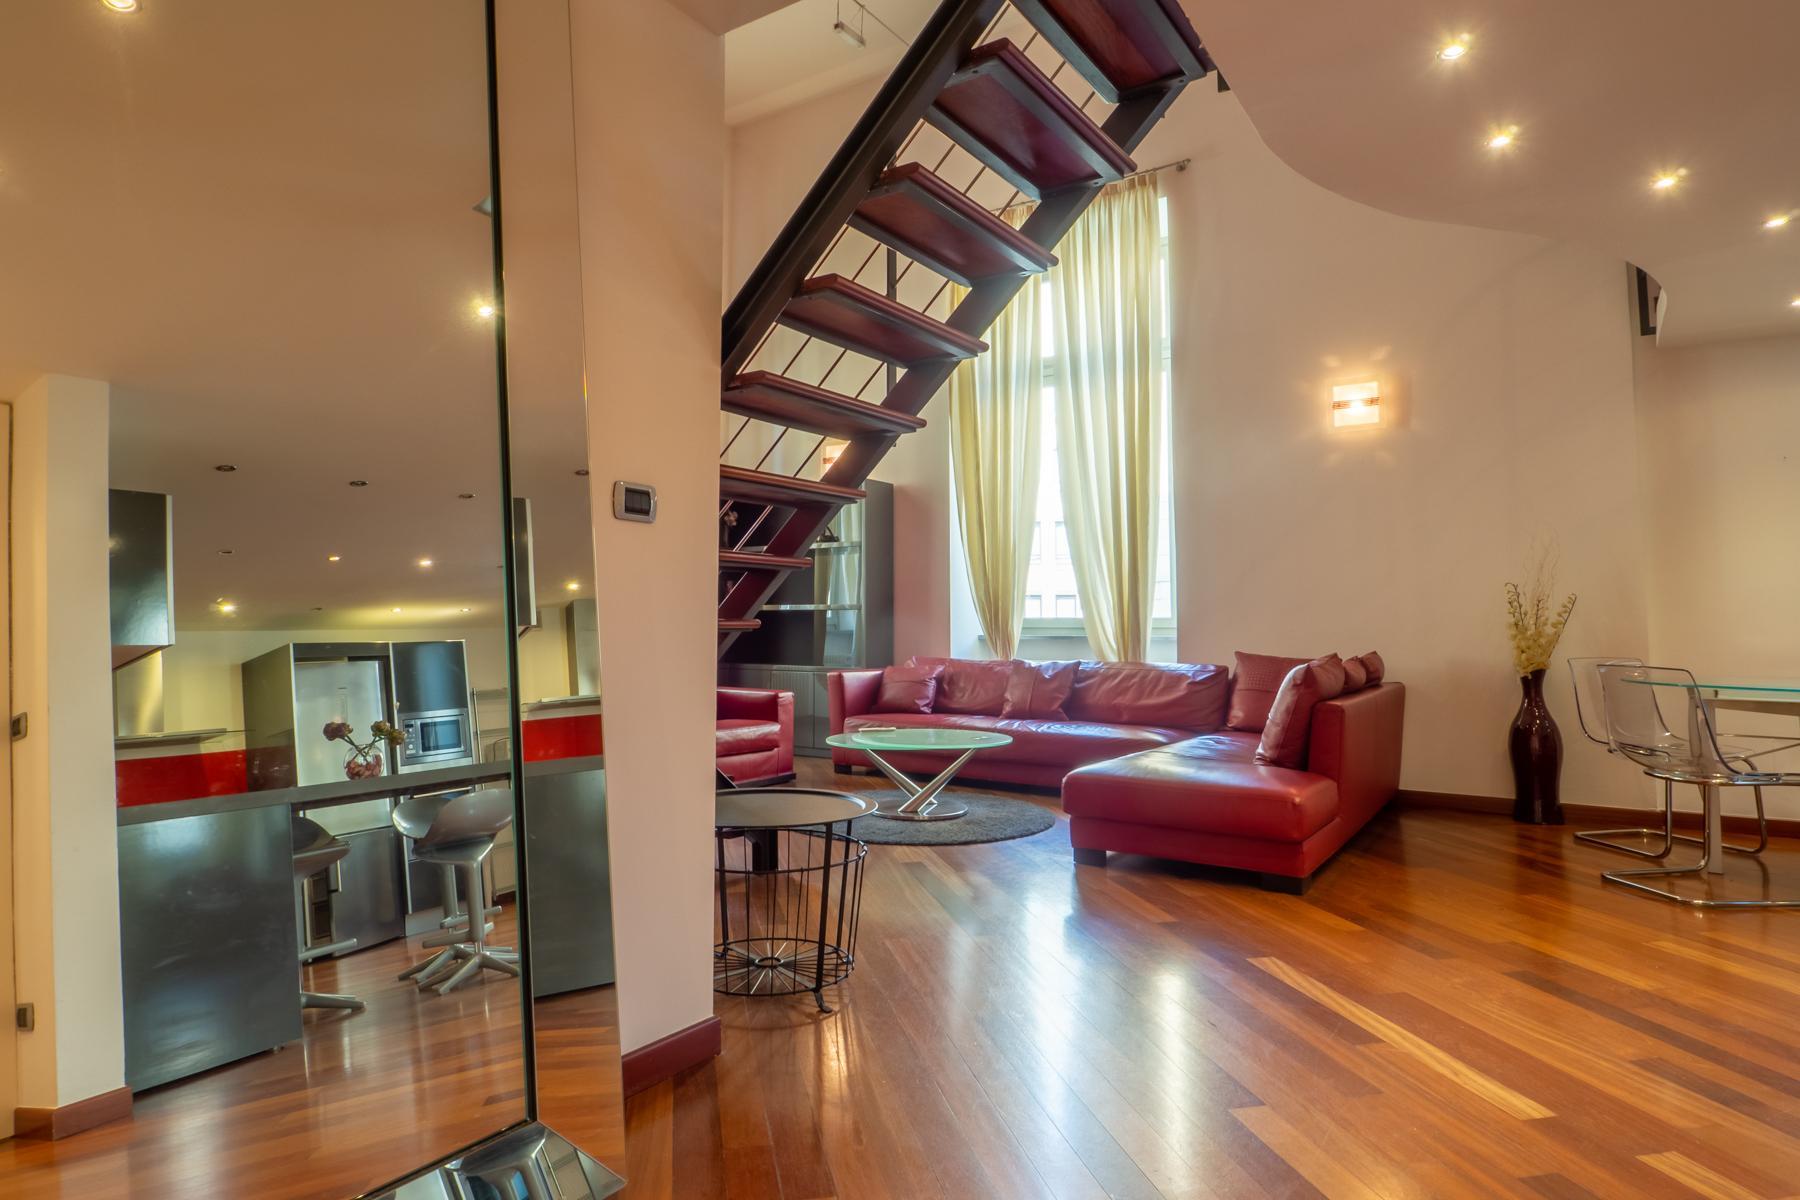 Appartement moderne dans le centre de Turin - 2